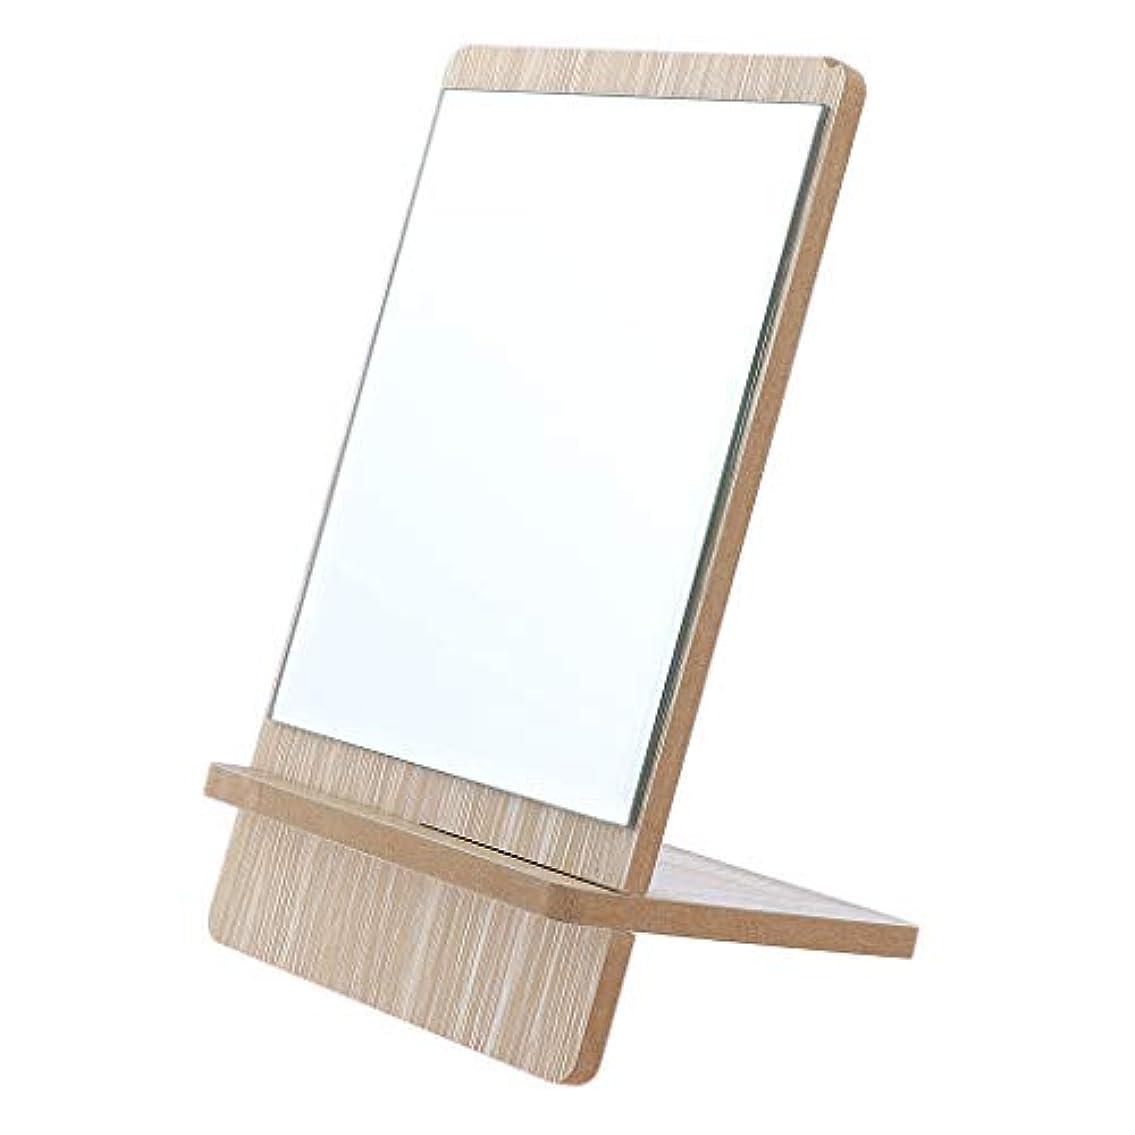 フェデレーション大破ピル化粧鏡 スタンド 卓上 メイクアップミラー 立てミラー バニティミラー 折りたたみ 3サイズ選べ - 大